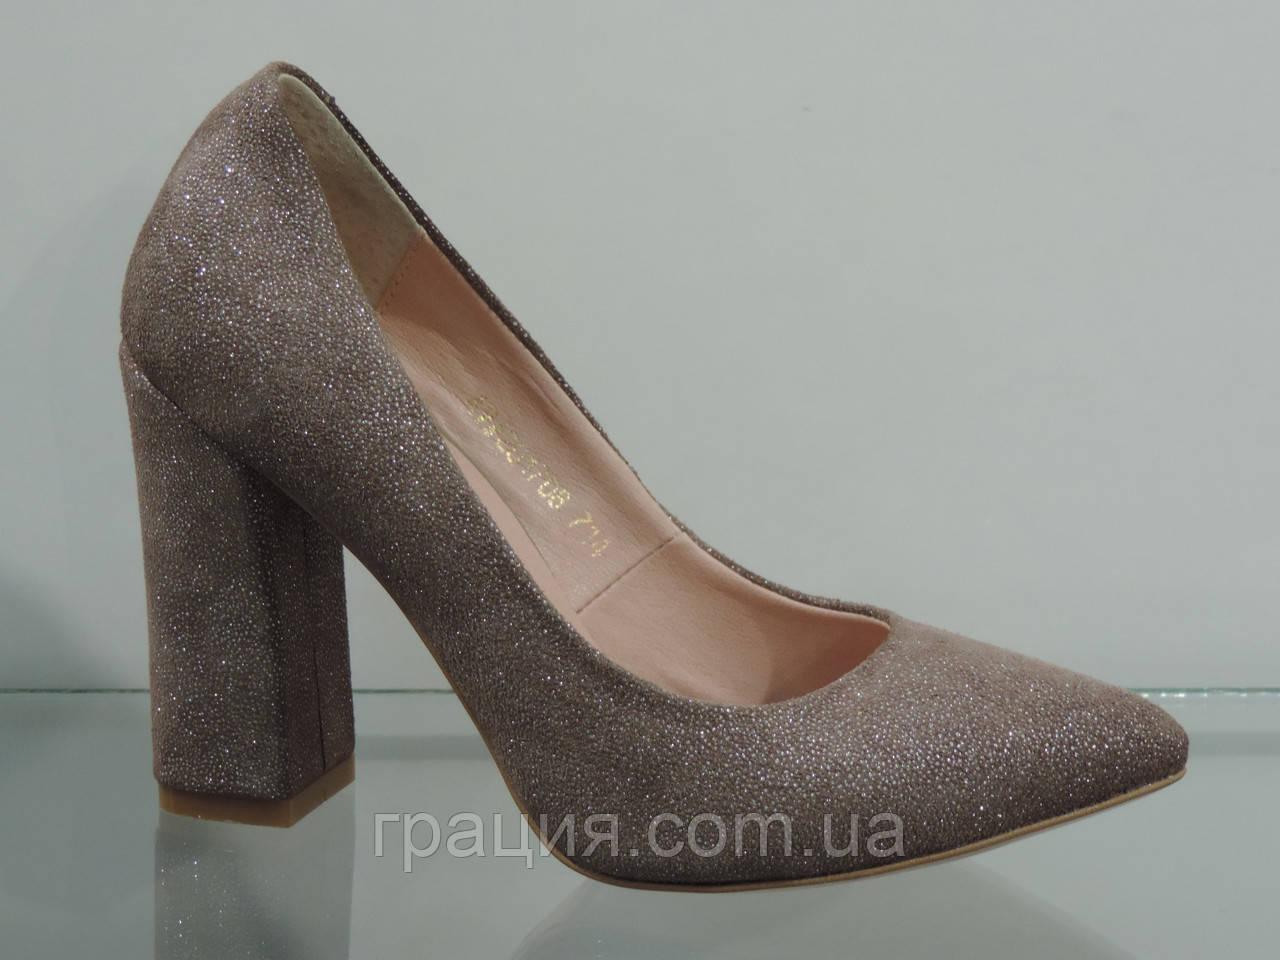 Женские элегантные  бежевые туфли из натуральной замши на каблуке